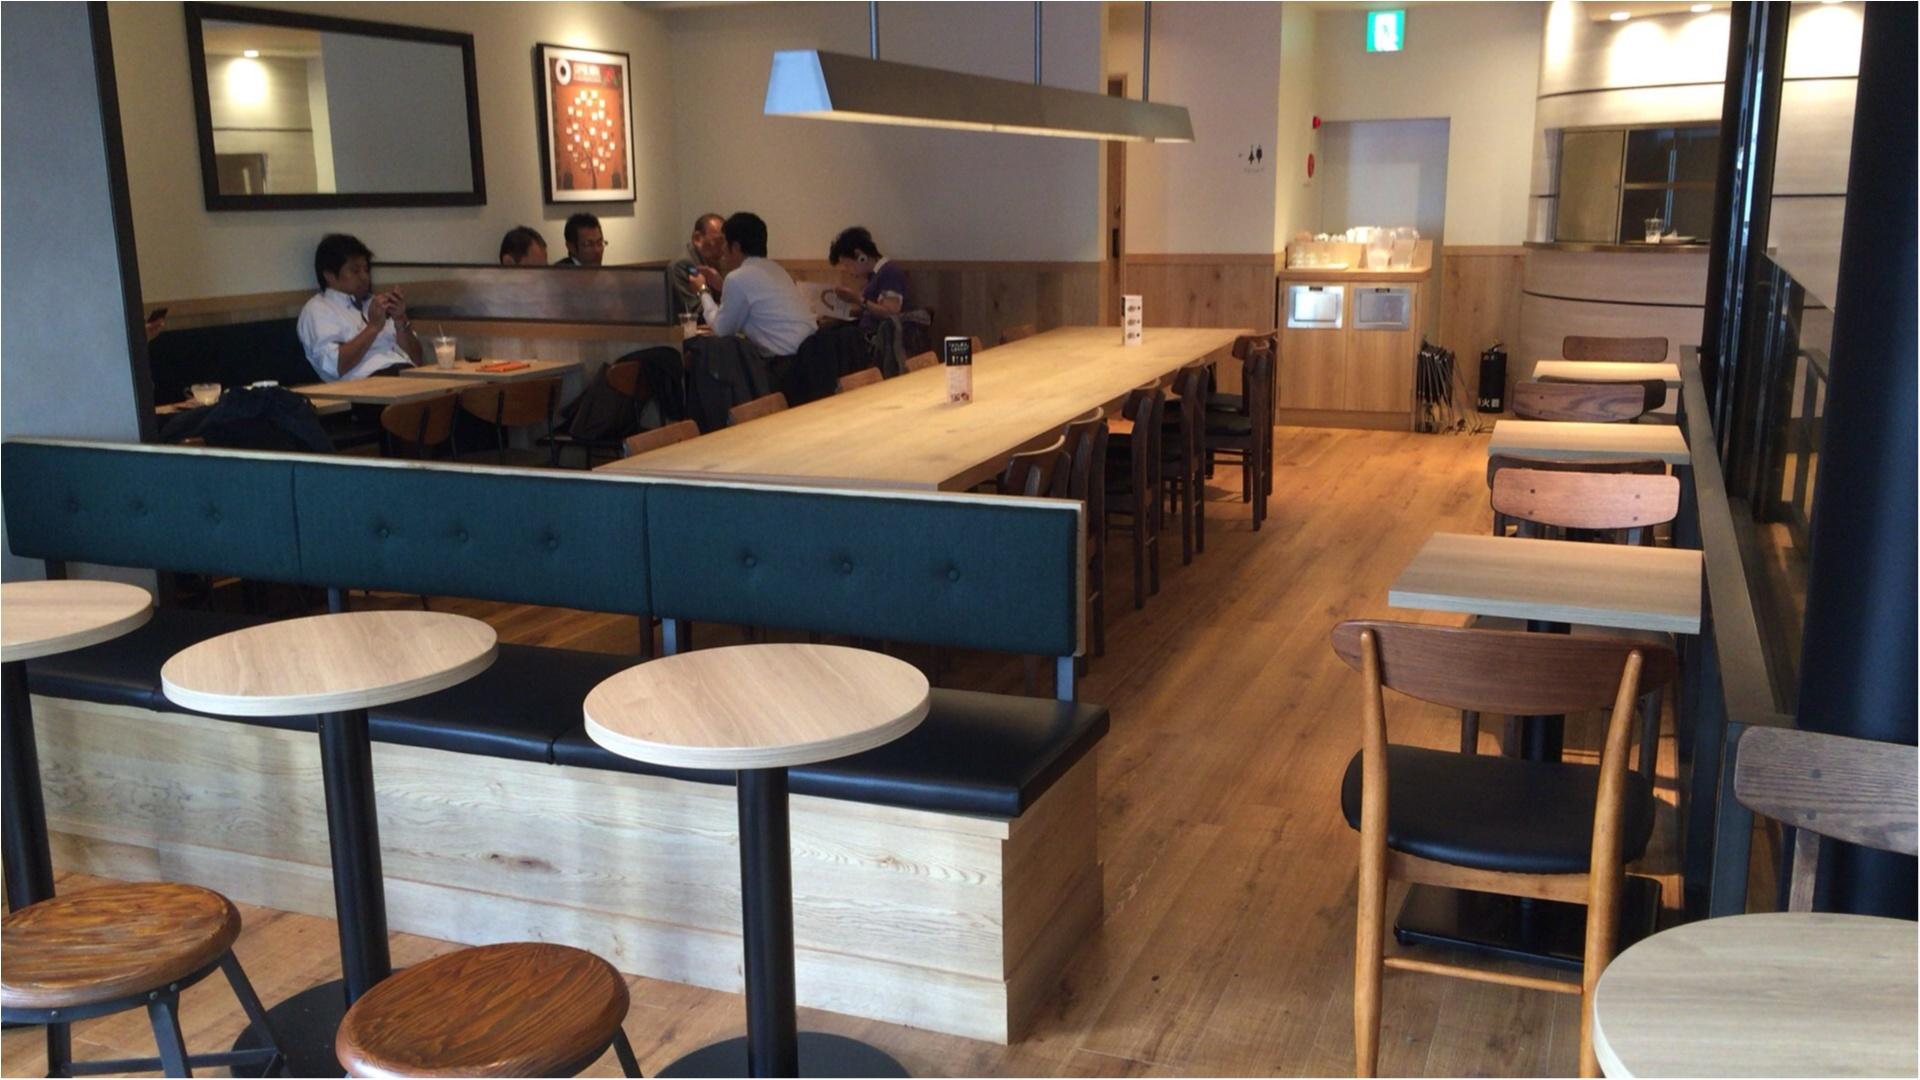 渋谷で電源カフェを探すなら?リニューアルした◯◯カフェが居心地最高♪♪ _5